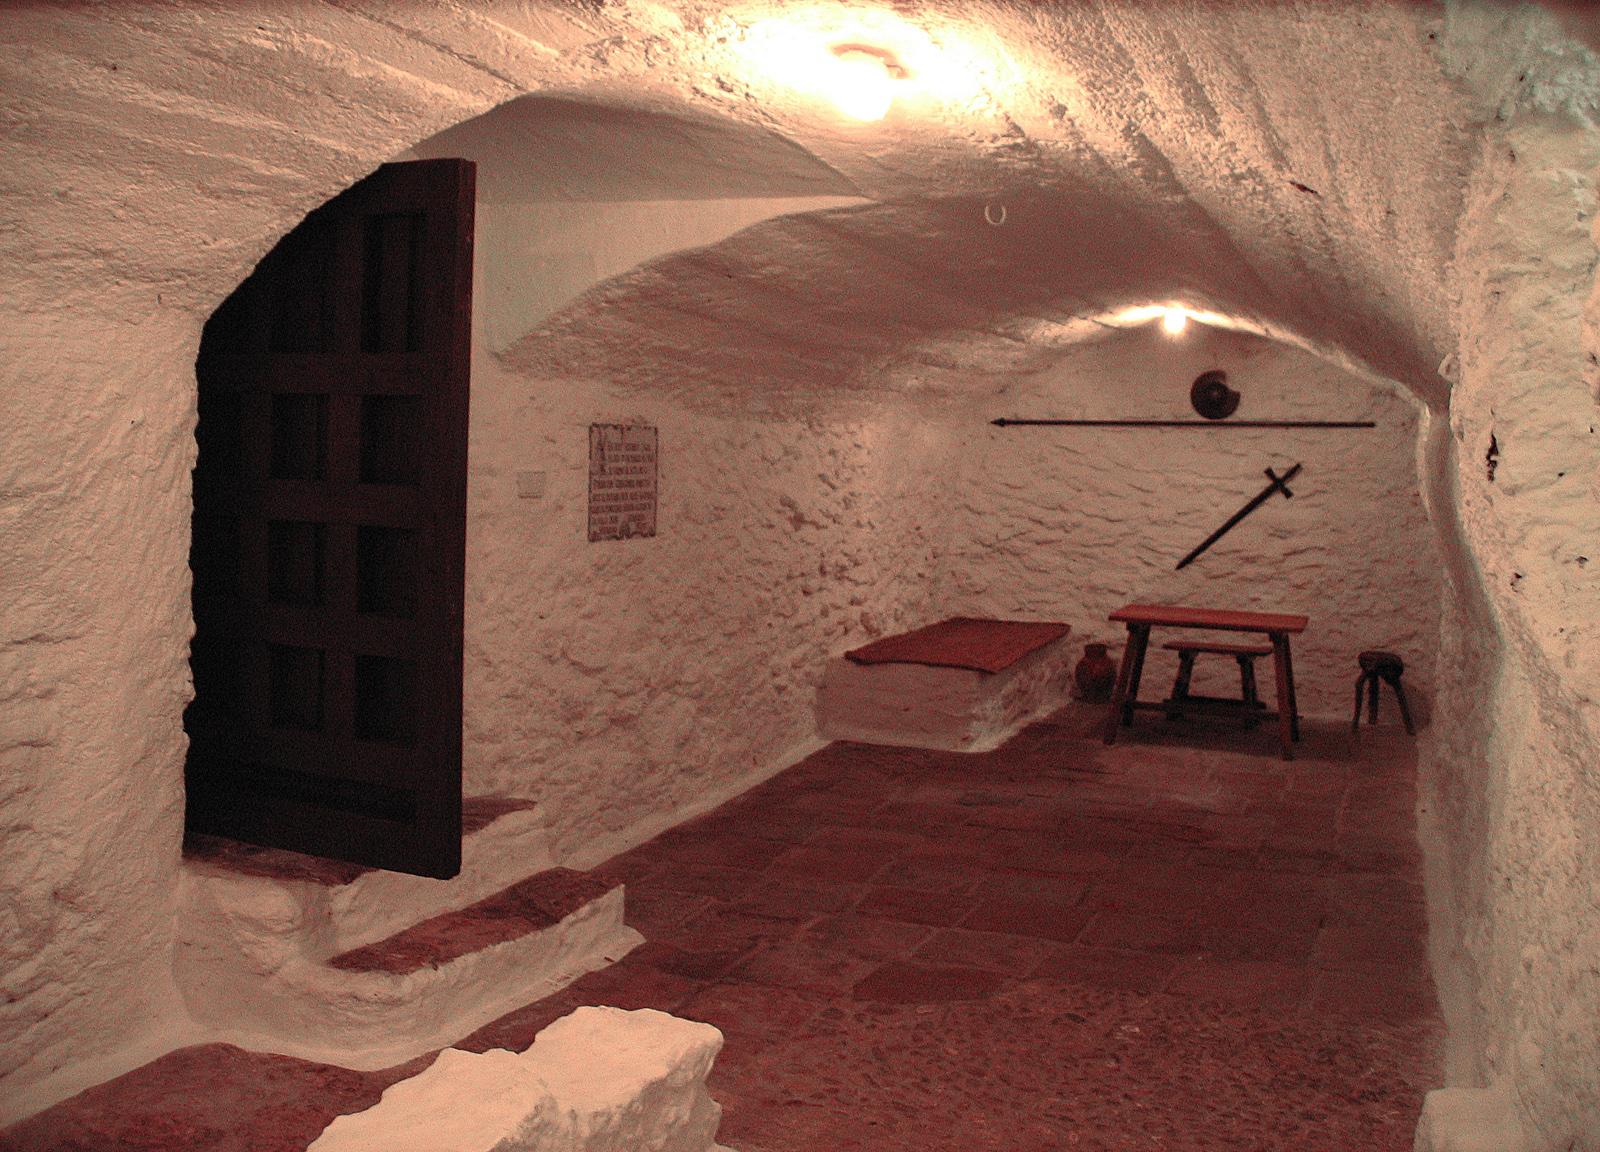 Cueva de Medrano, en Argamasilla de Alba. Hito en la leyenda cervantina. Autora, Mª Lluïsa